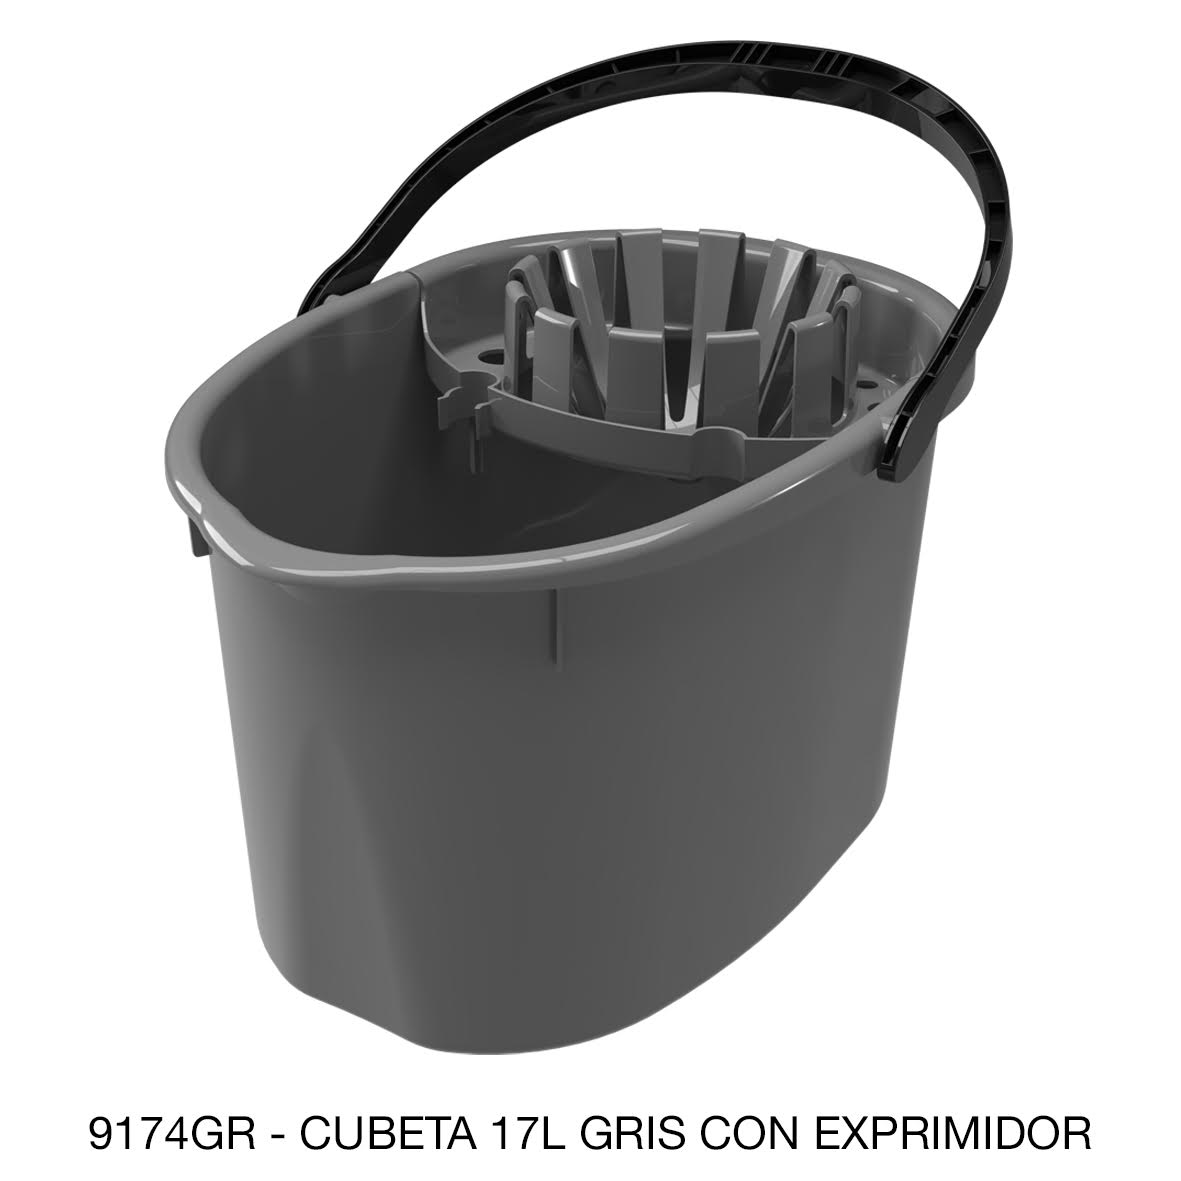 Cubeta de 17 litros con exprimidor color gris modelo 9174GR de Sablón